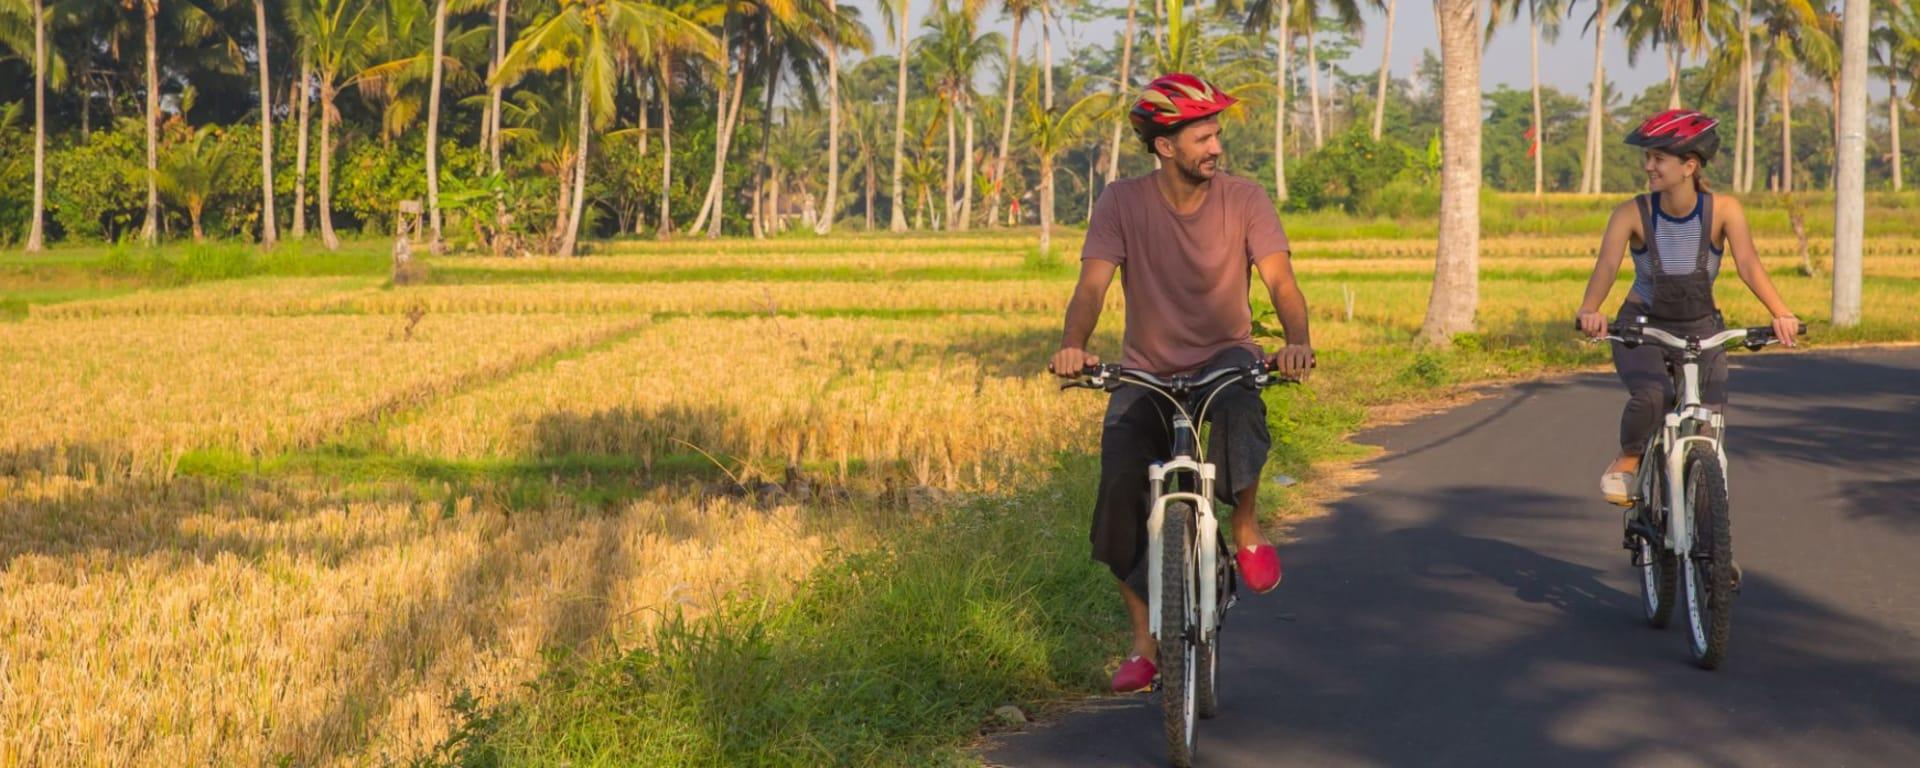 Découverte active de Bali de Sud de Bali: Bali - Couple riding a bicycle through the tropical island of Bali